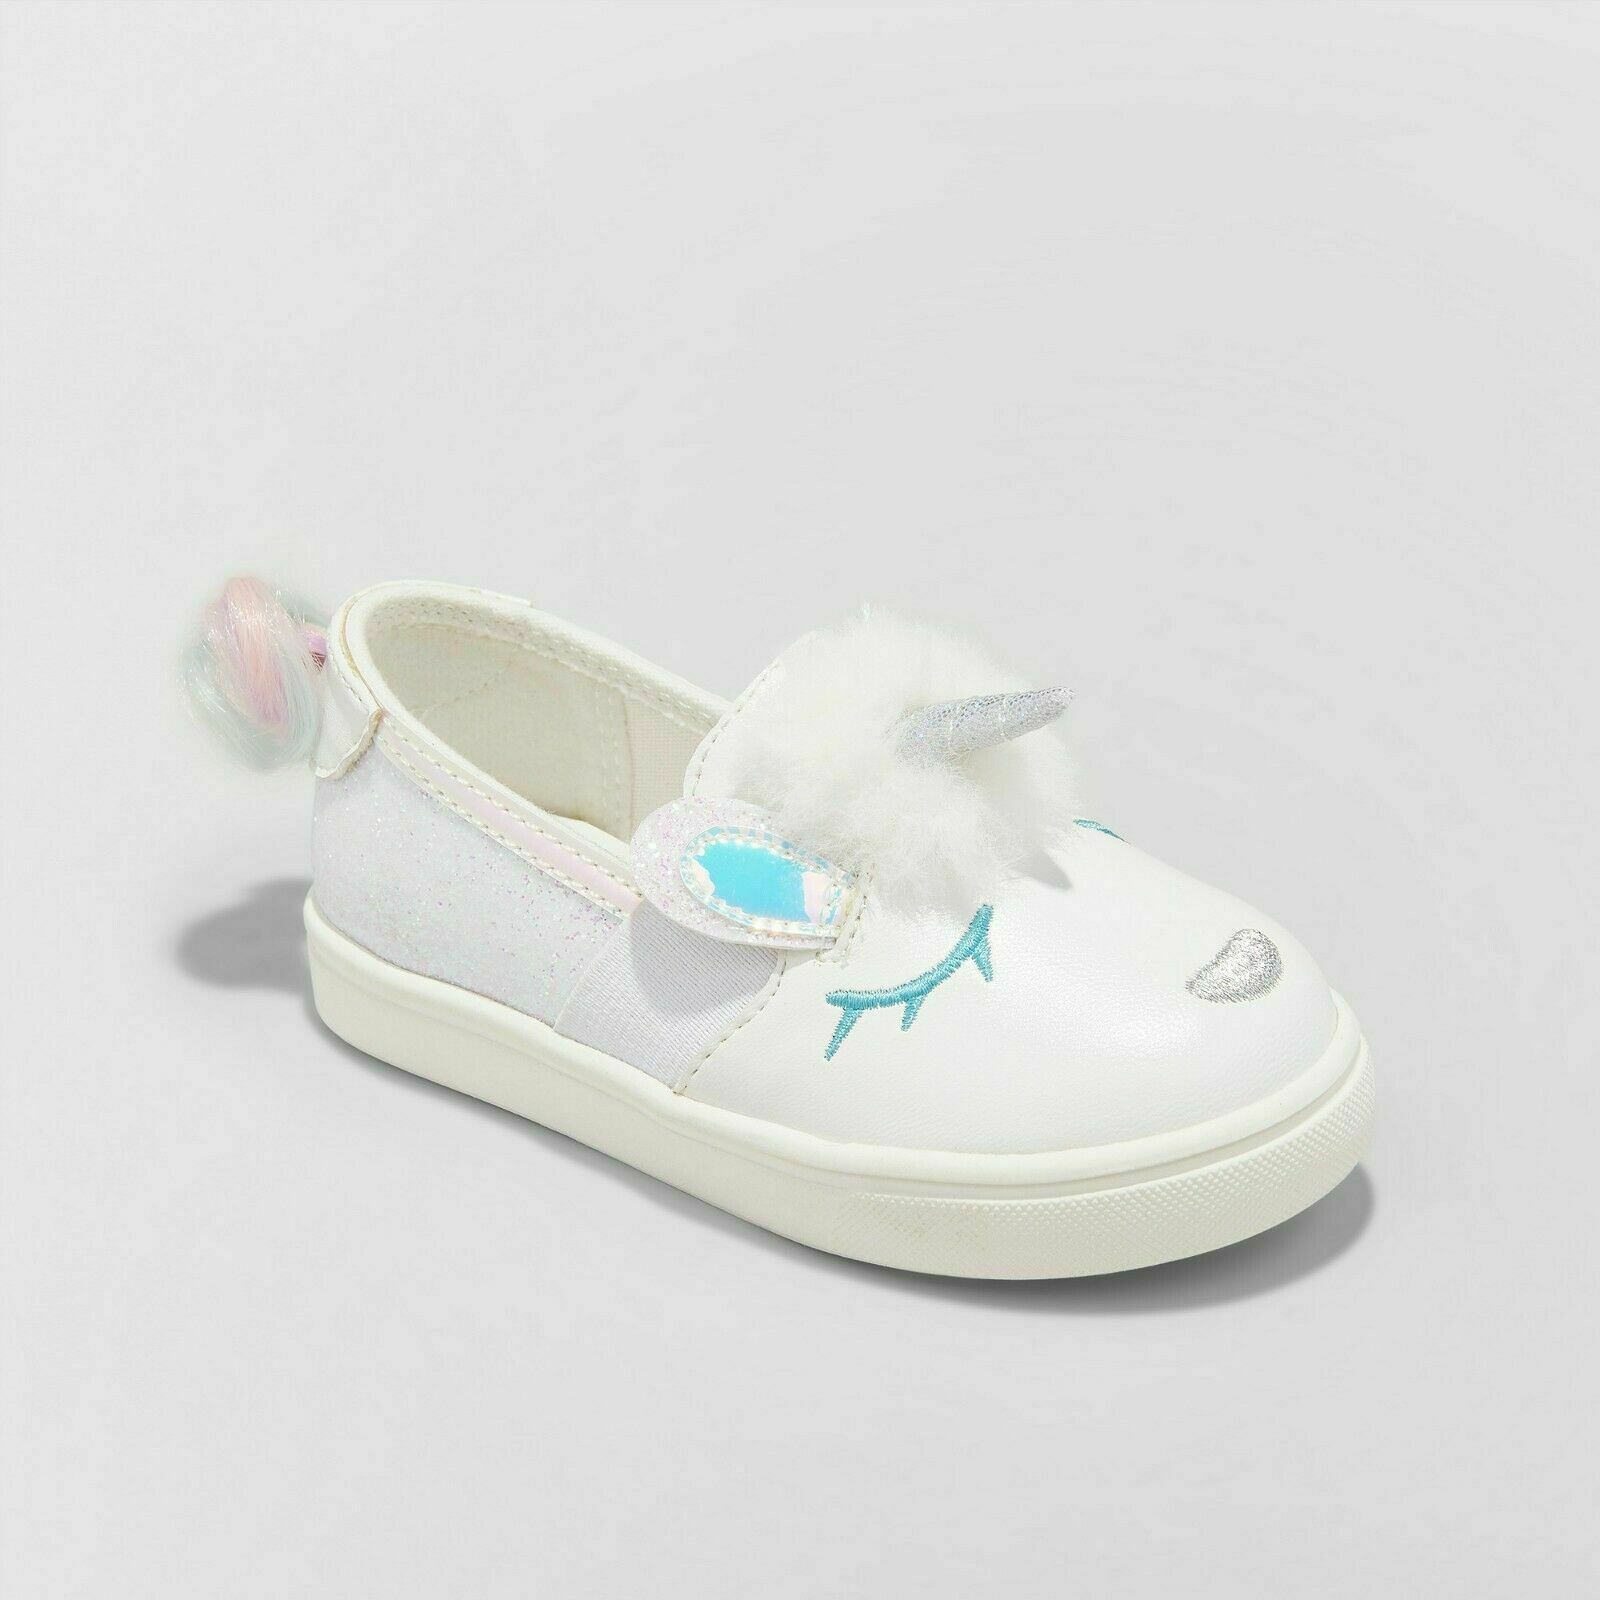 Cat & Jack Toddler Girl Unicorn Fashion Shoes 7 White Angel